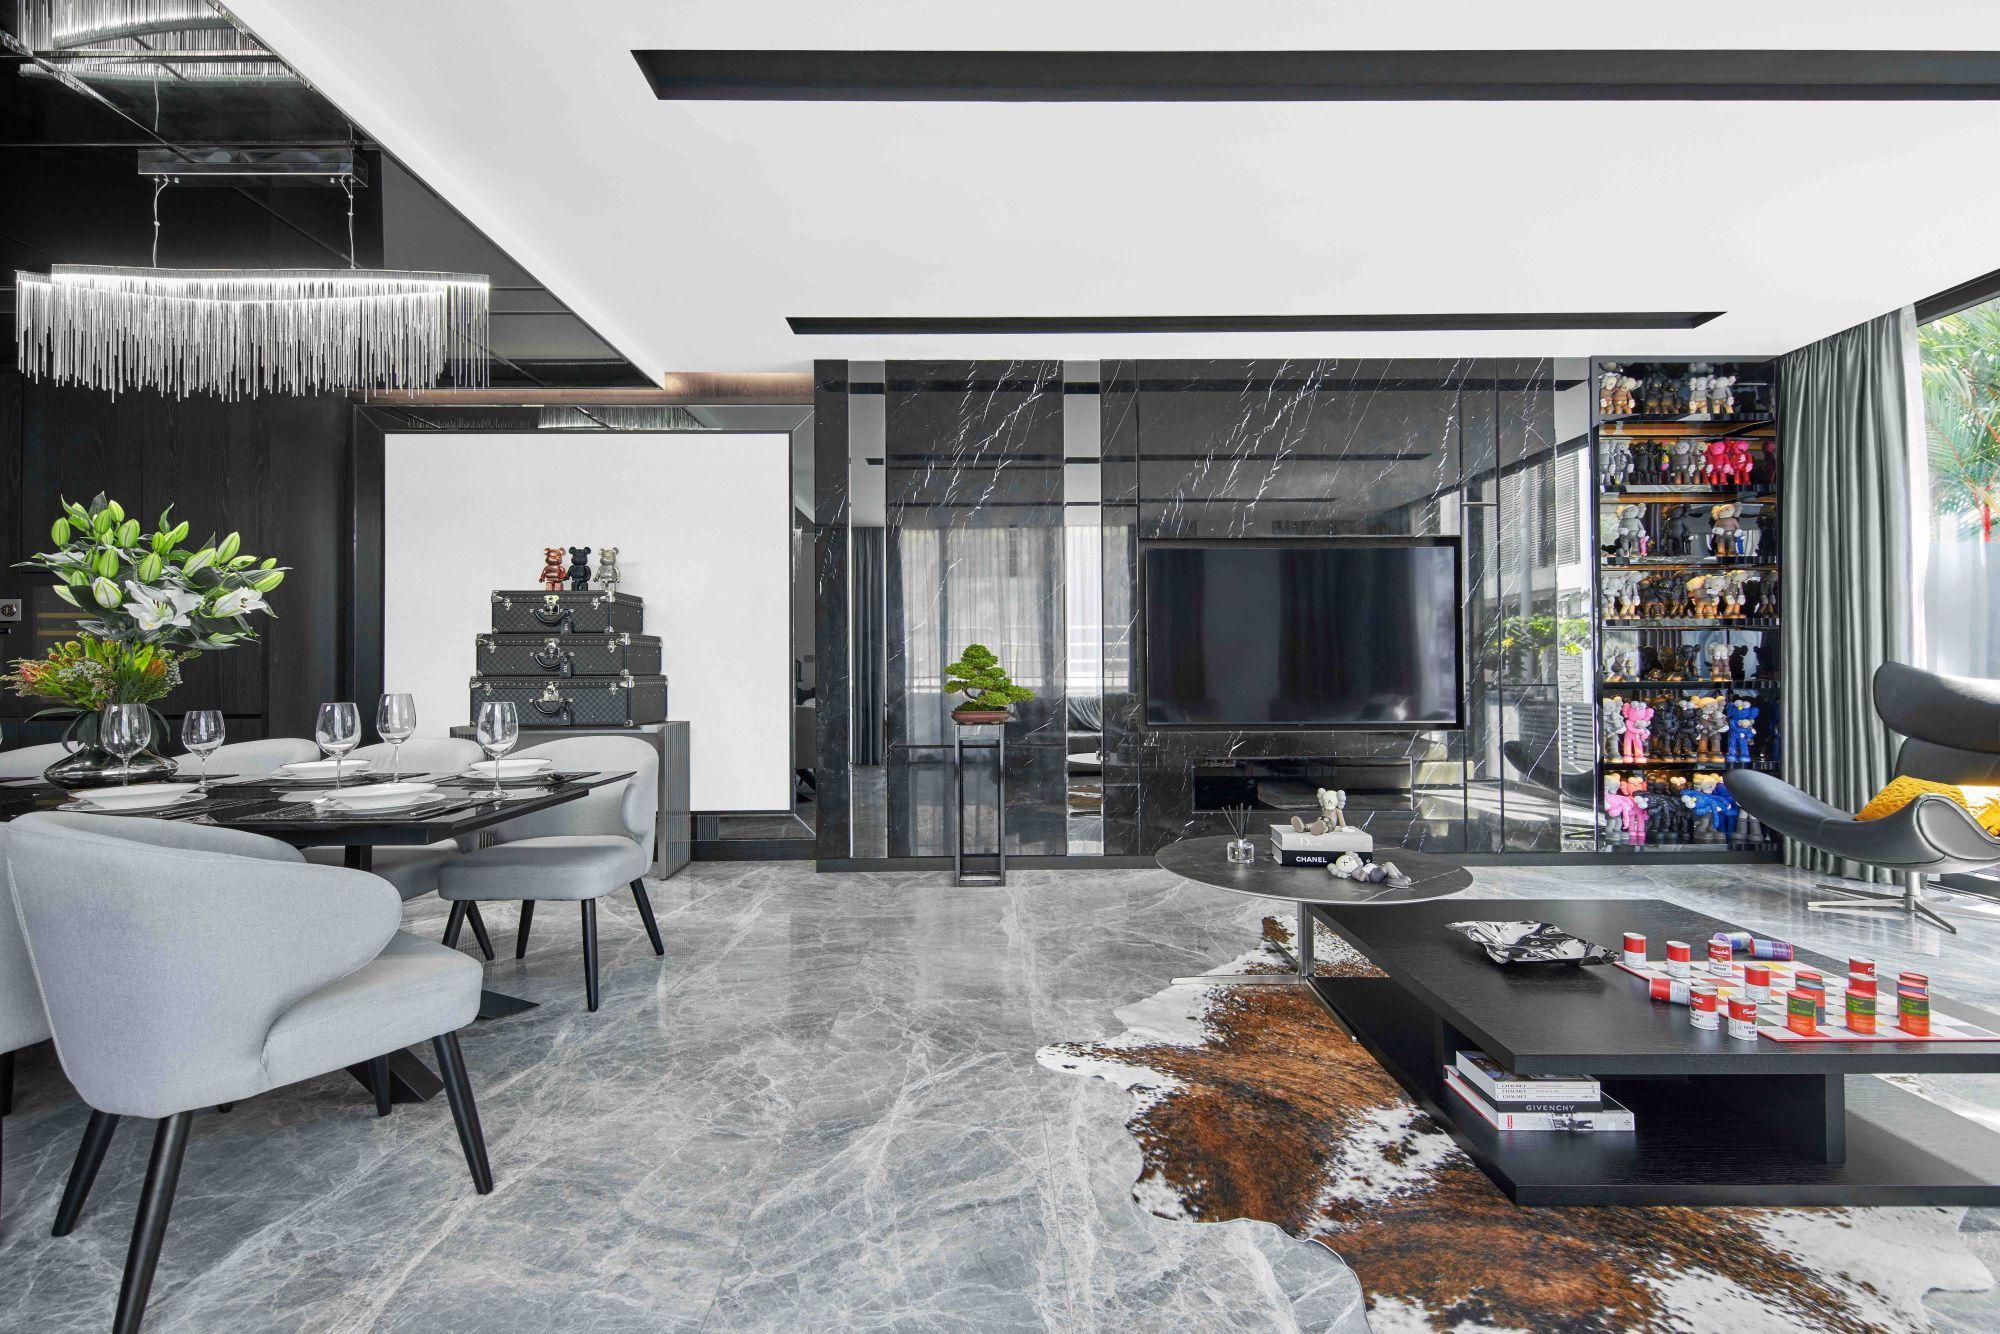 Wohn- und Esszimmer zeichnen sich durch diverse Hingucker aus, wie die Louis Vuitton Koffer und Bearbrick Figuren im Essbereich Fotografie: Jasper Yu